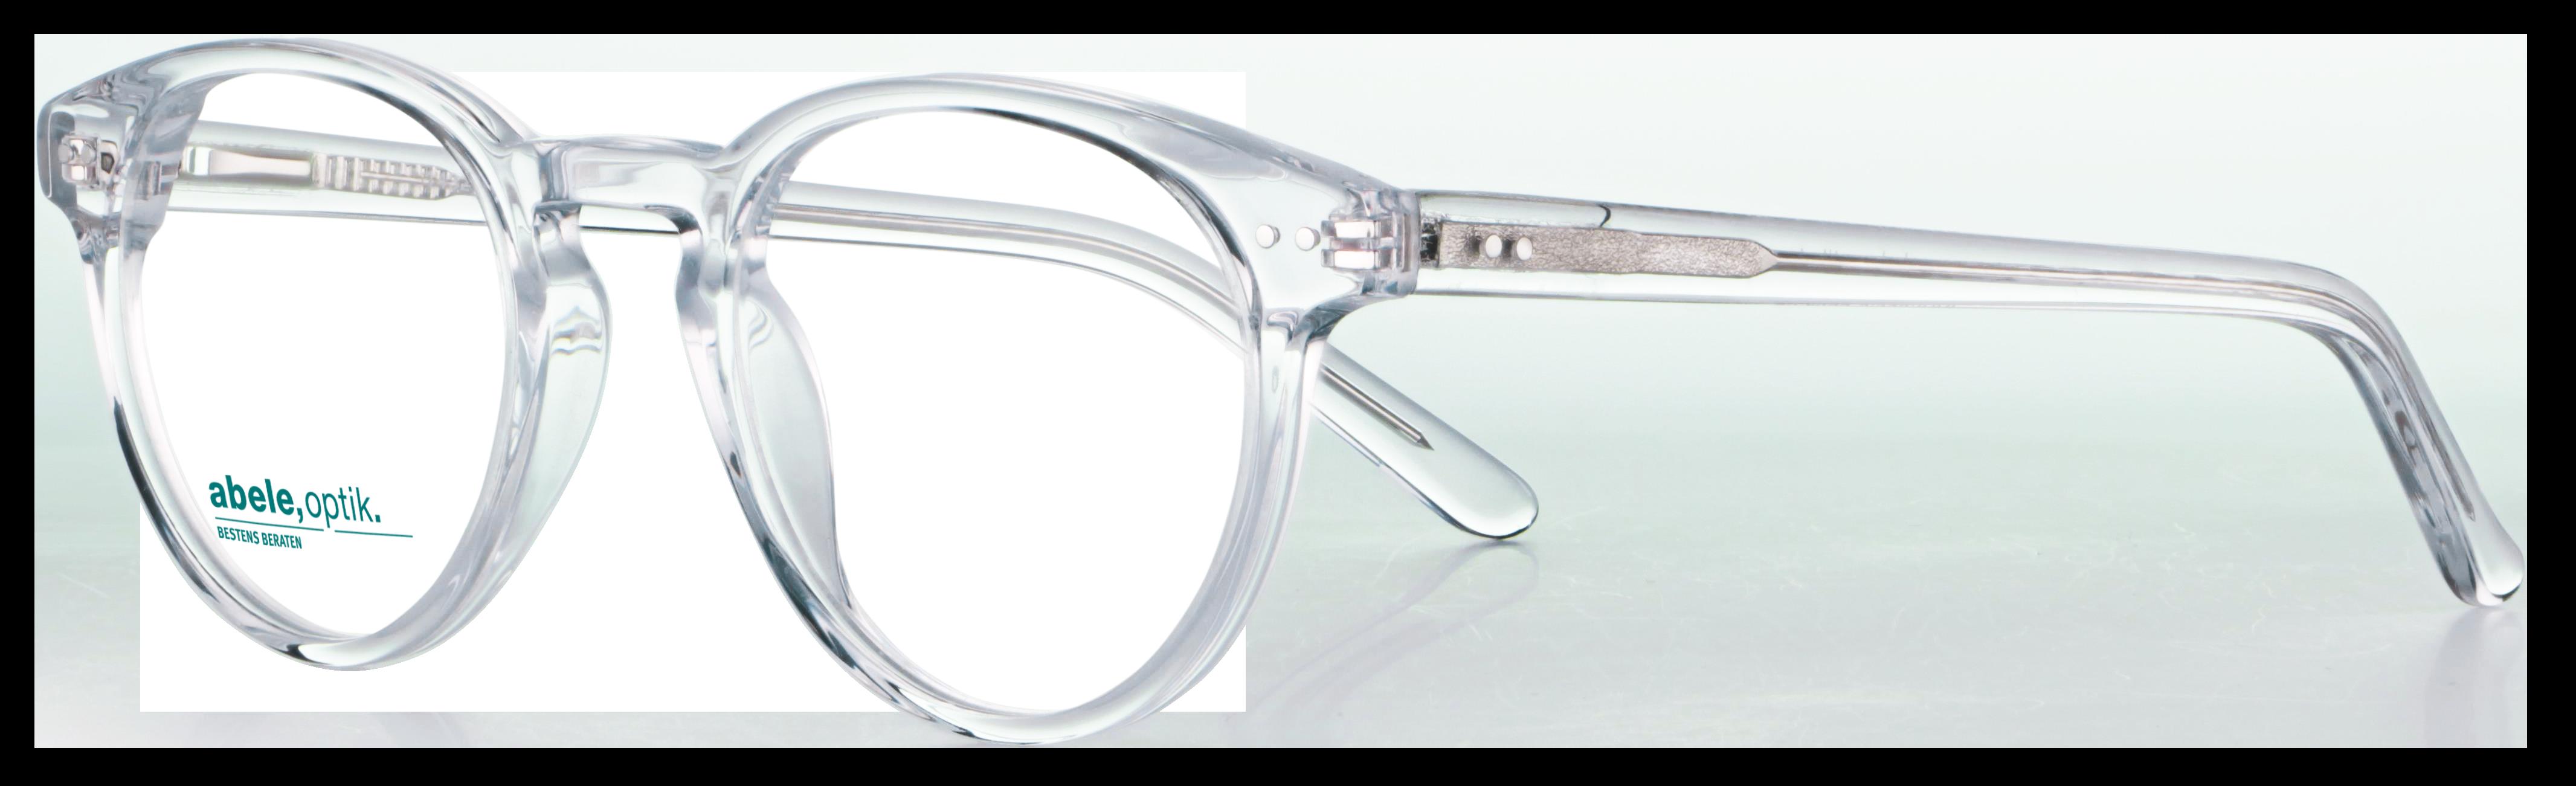 abele optik Brille 143231